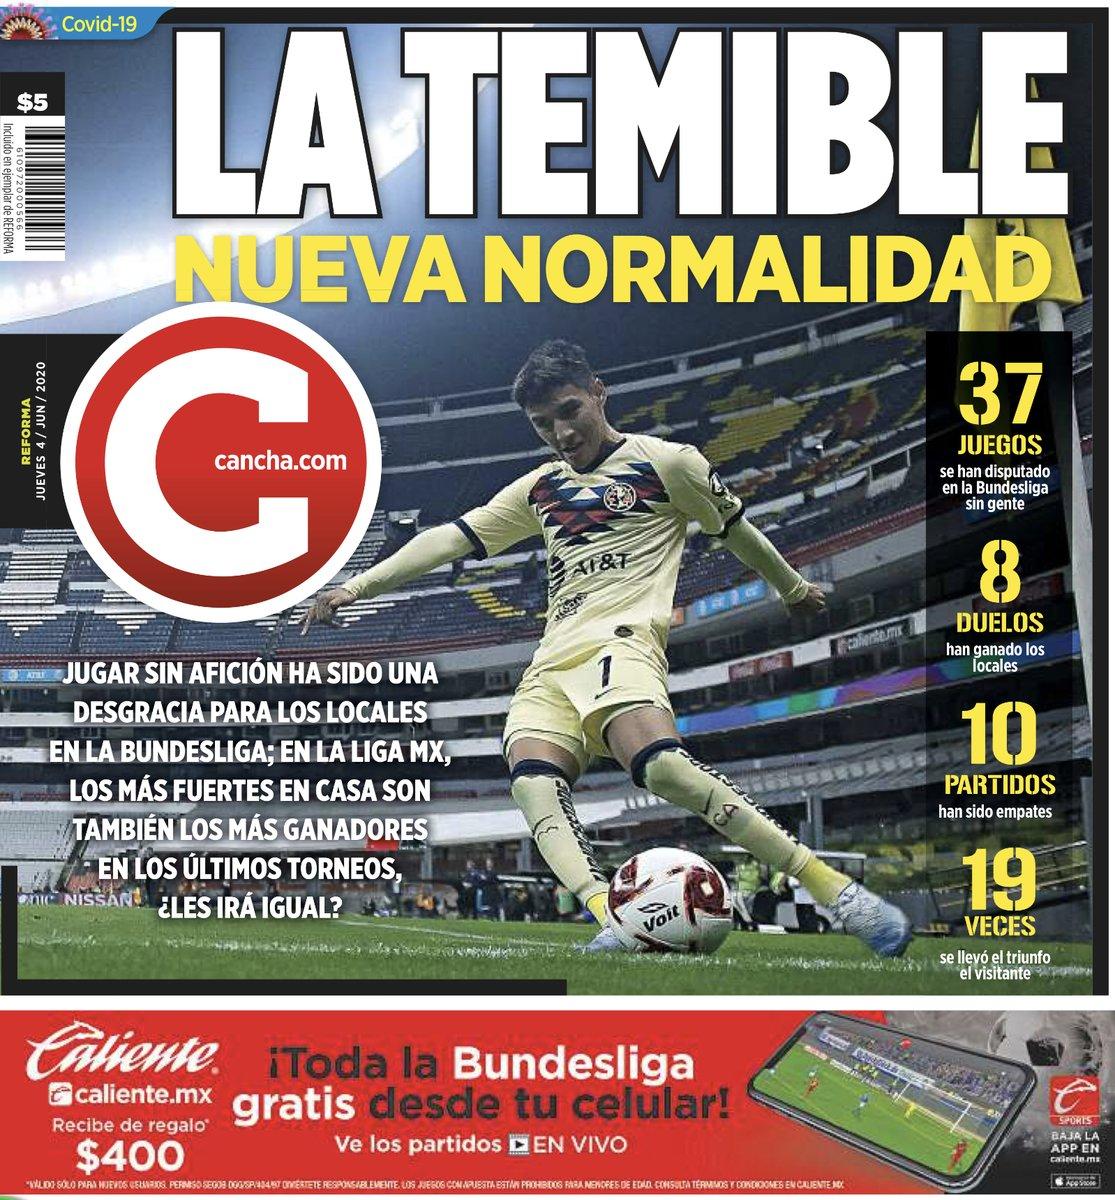 Las portadas deportivas de los principales diarios de #CDMX, #Guadalajara, #Monterrey y #LaLaguna https://t.co/yjLxOqZs46